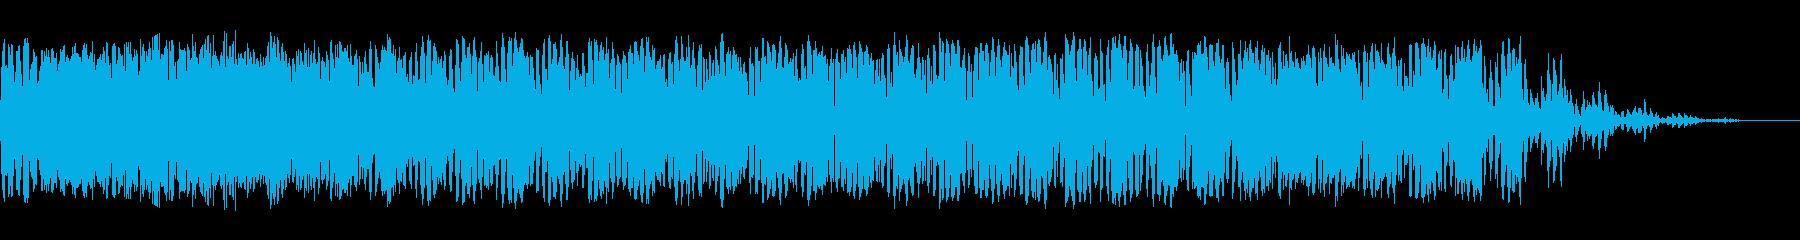 バズドローン4の再生済みの波形